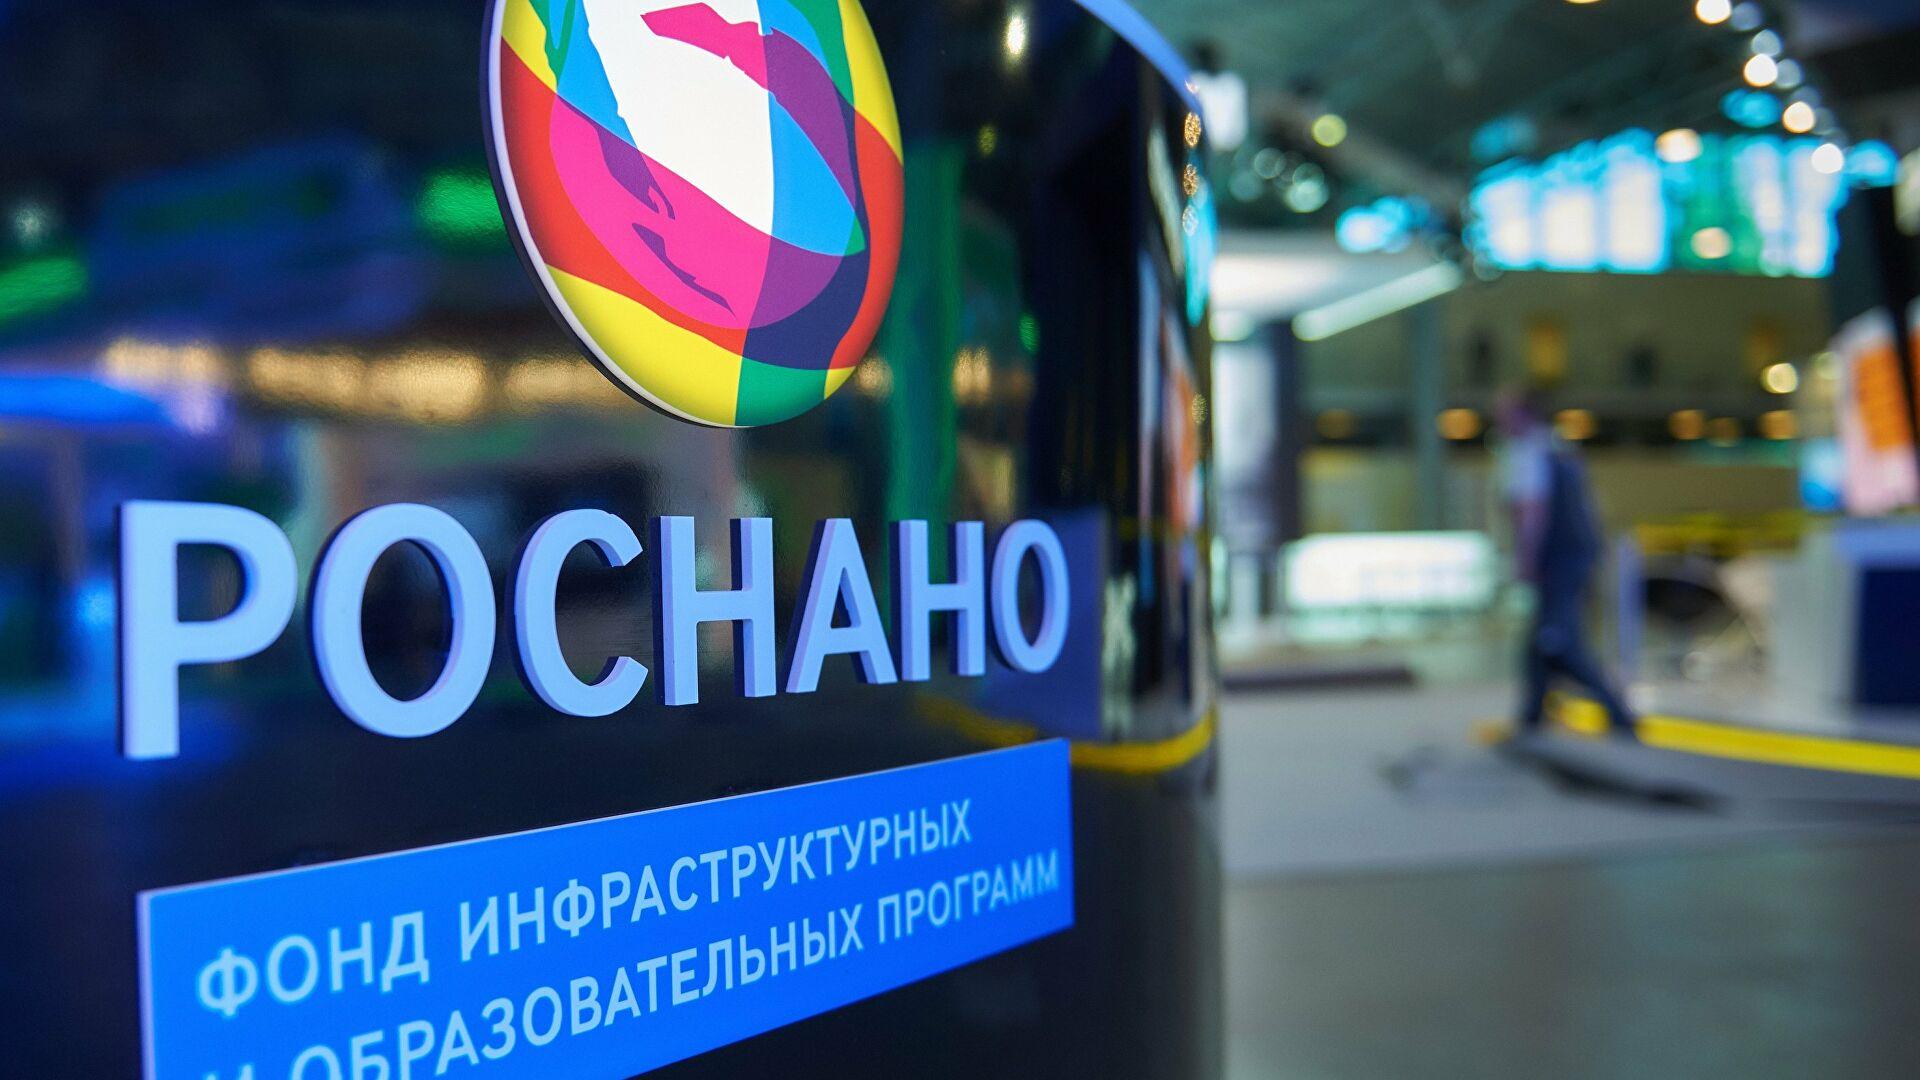 Себестоимость снизится, цветовой диапазон расширится: в Москве наладят производство электрохромного стекла